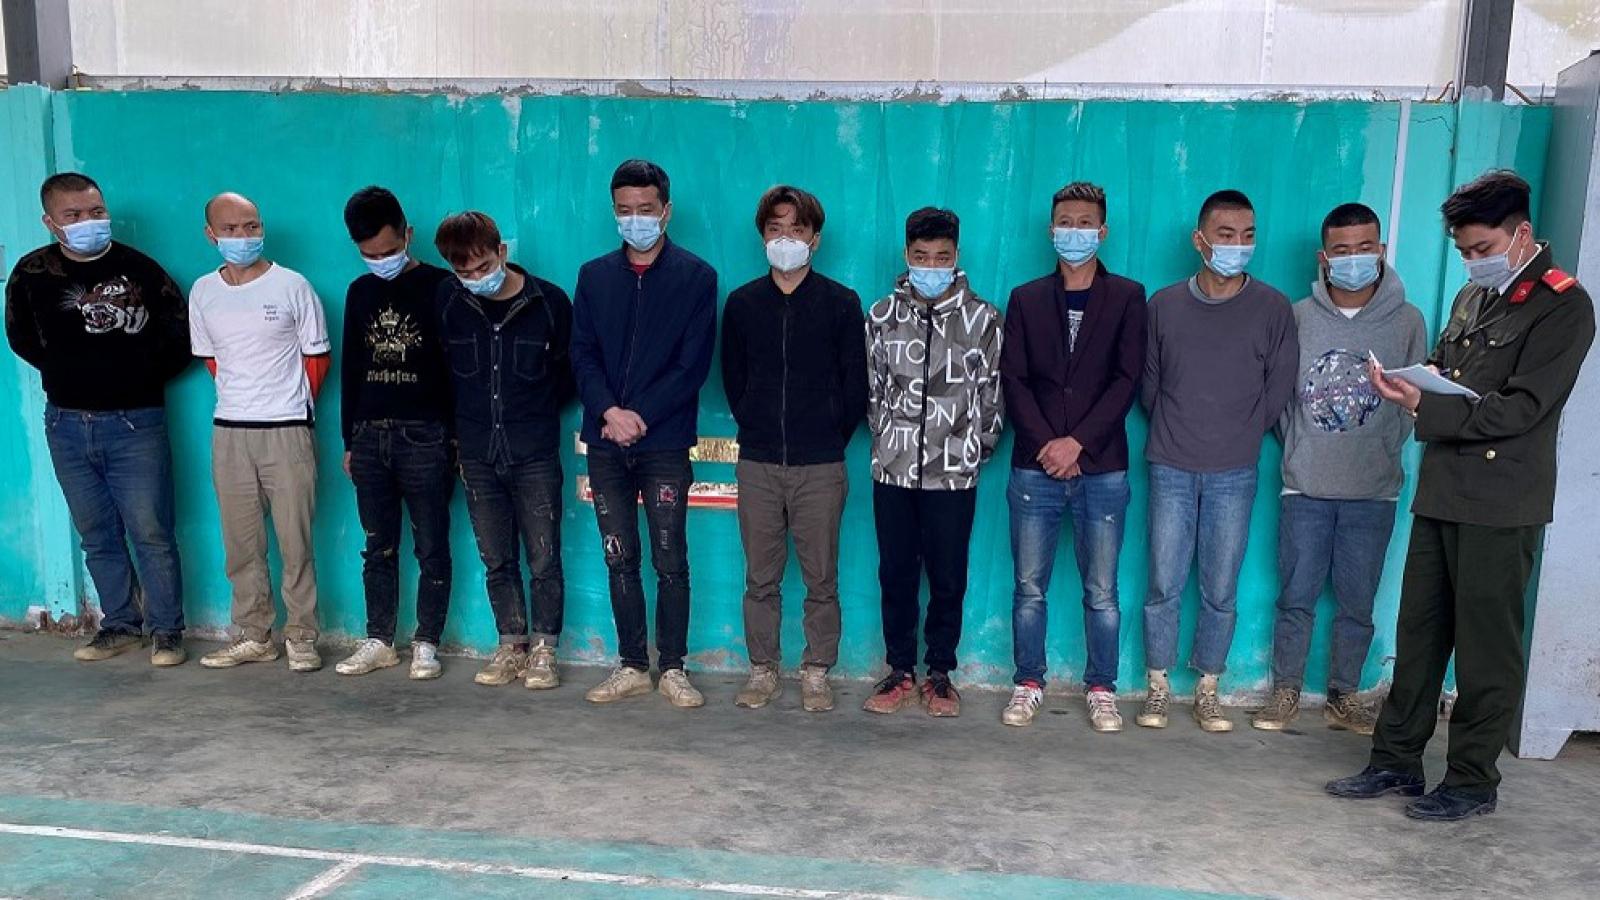 Bắt giữ 11 công dân Trung Quốc nhập cảnh trái phép vào Việt Nam